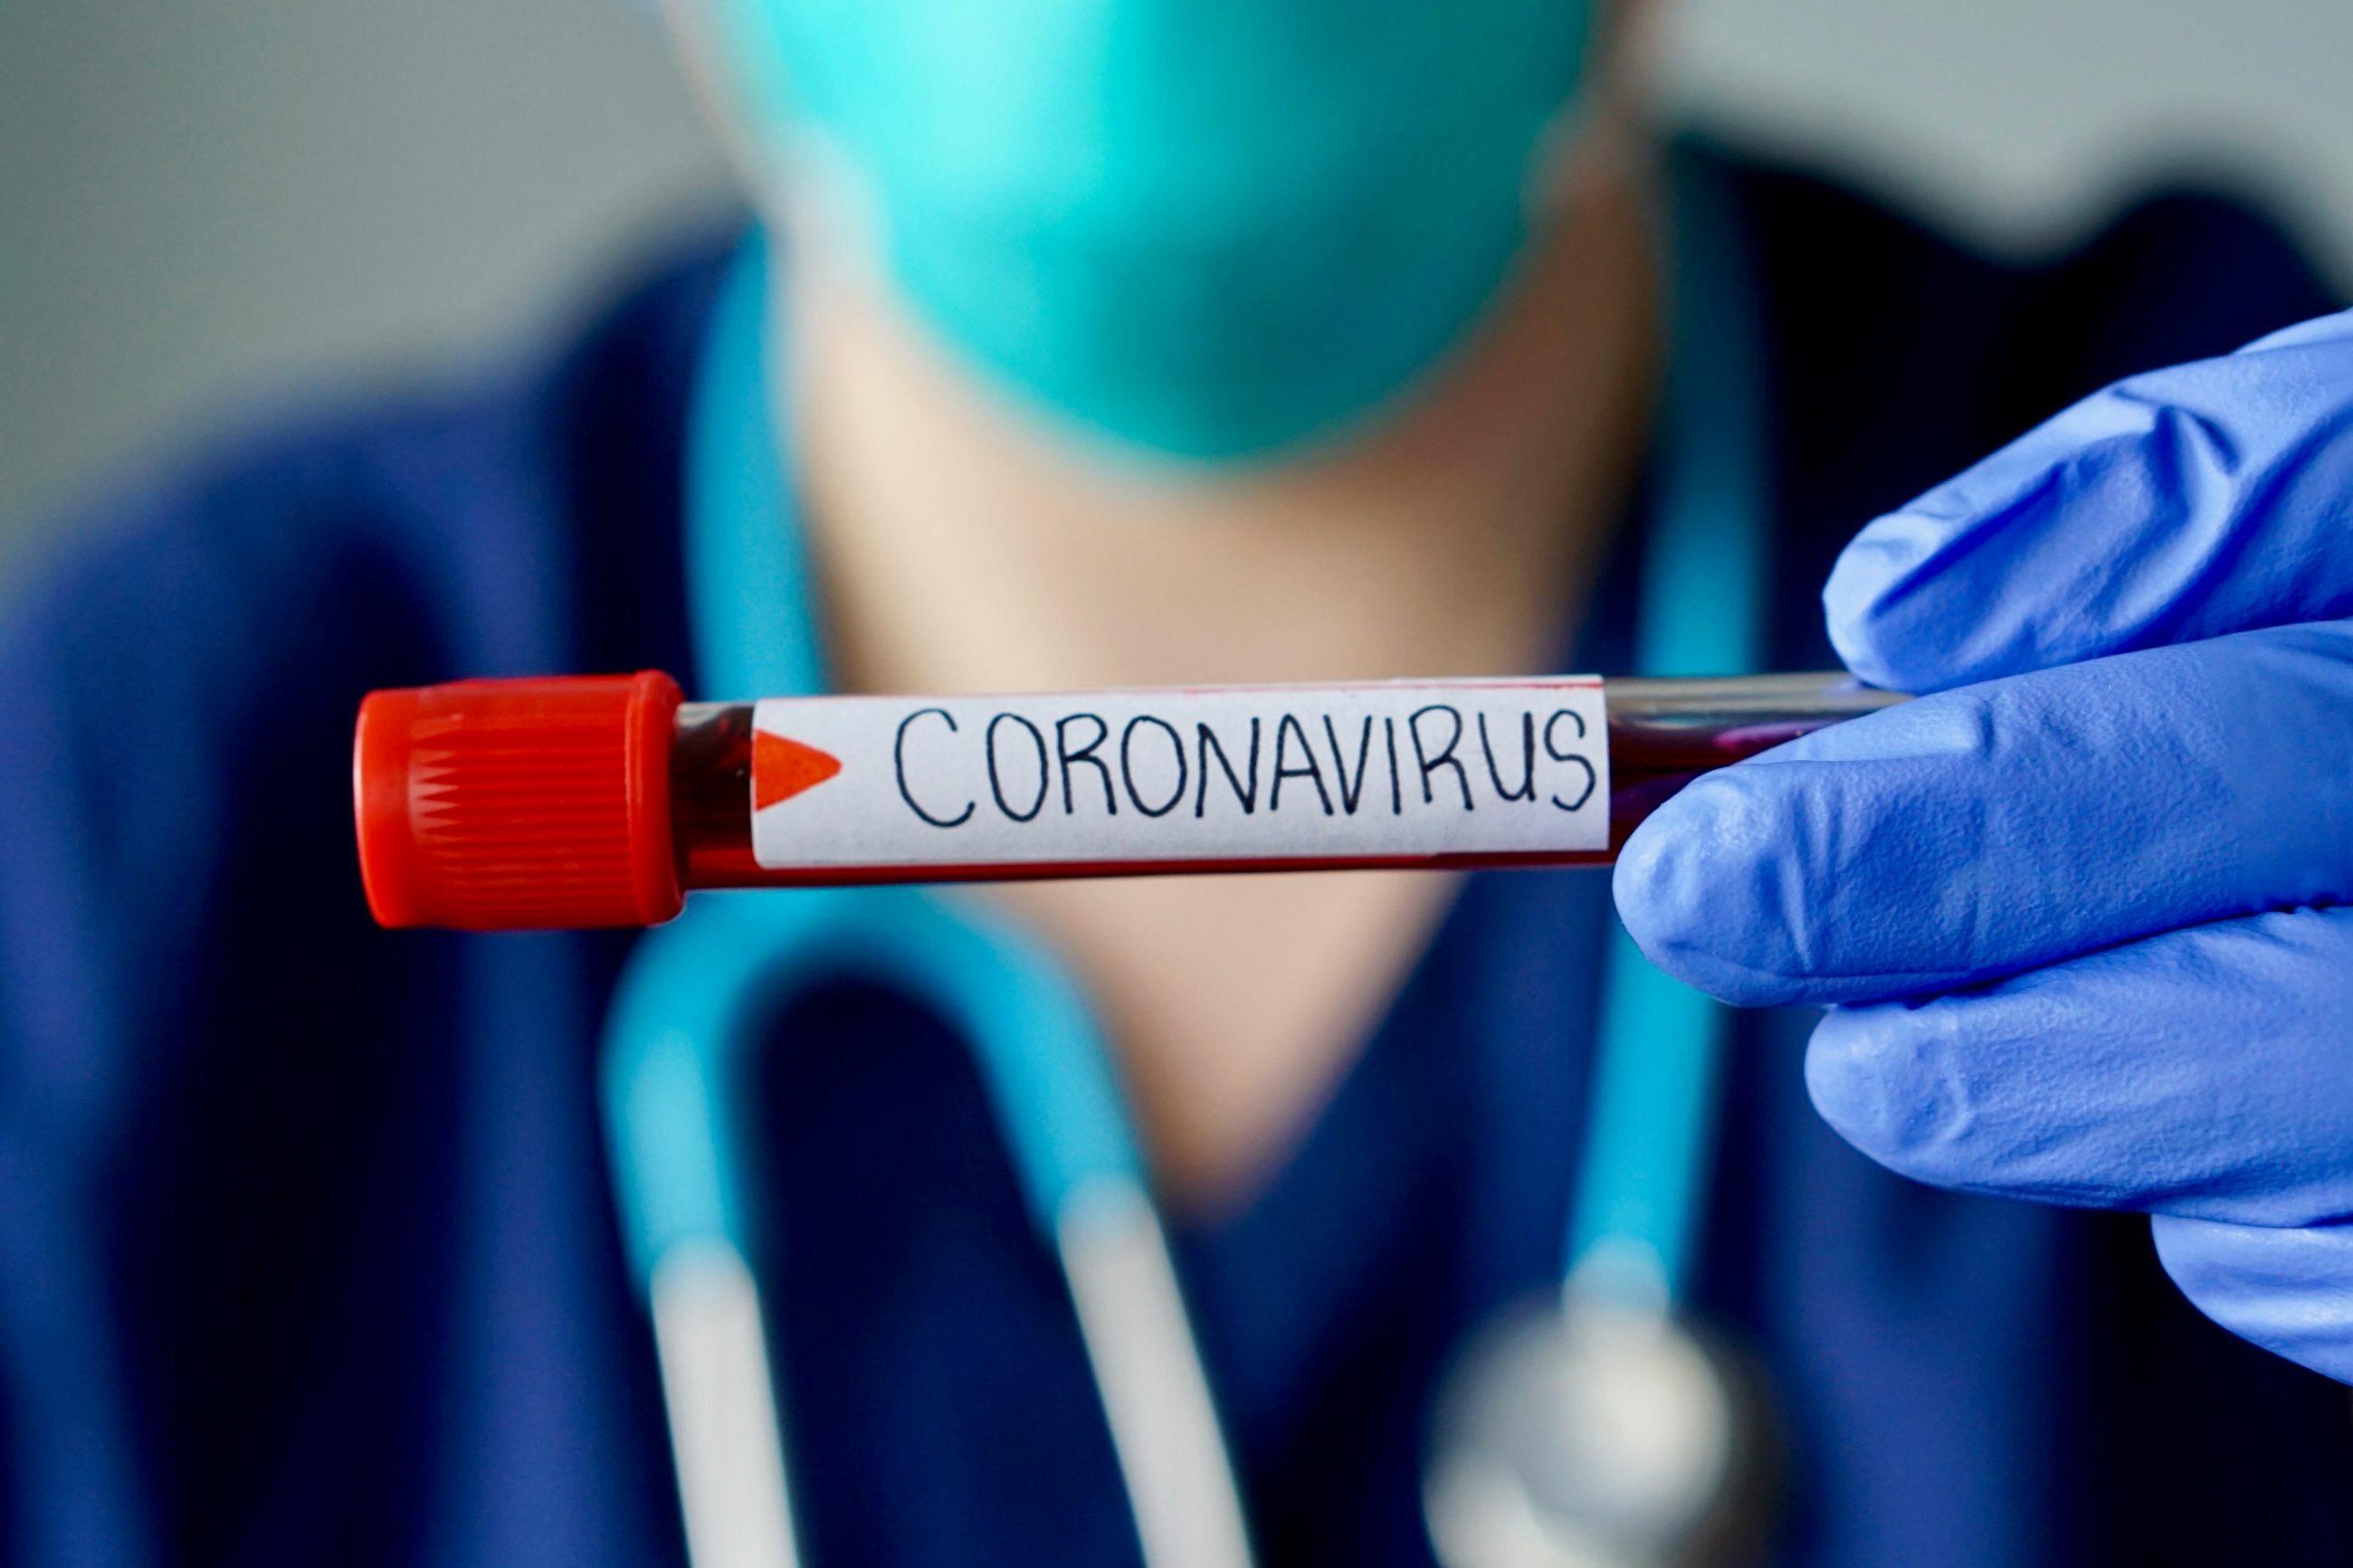 Koronawirus, zdjęcie ilustracyjne